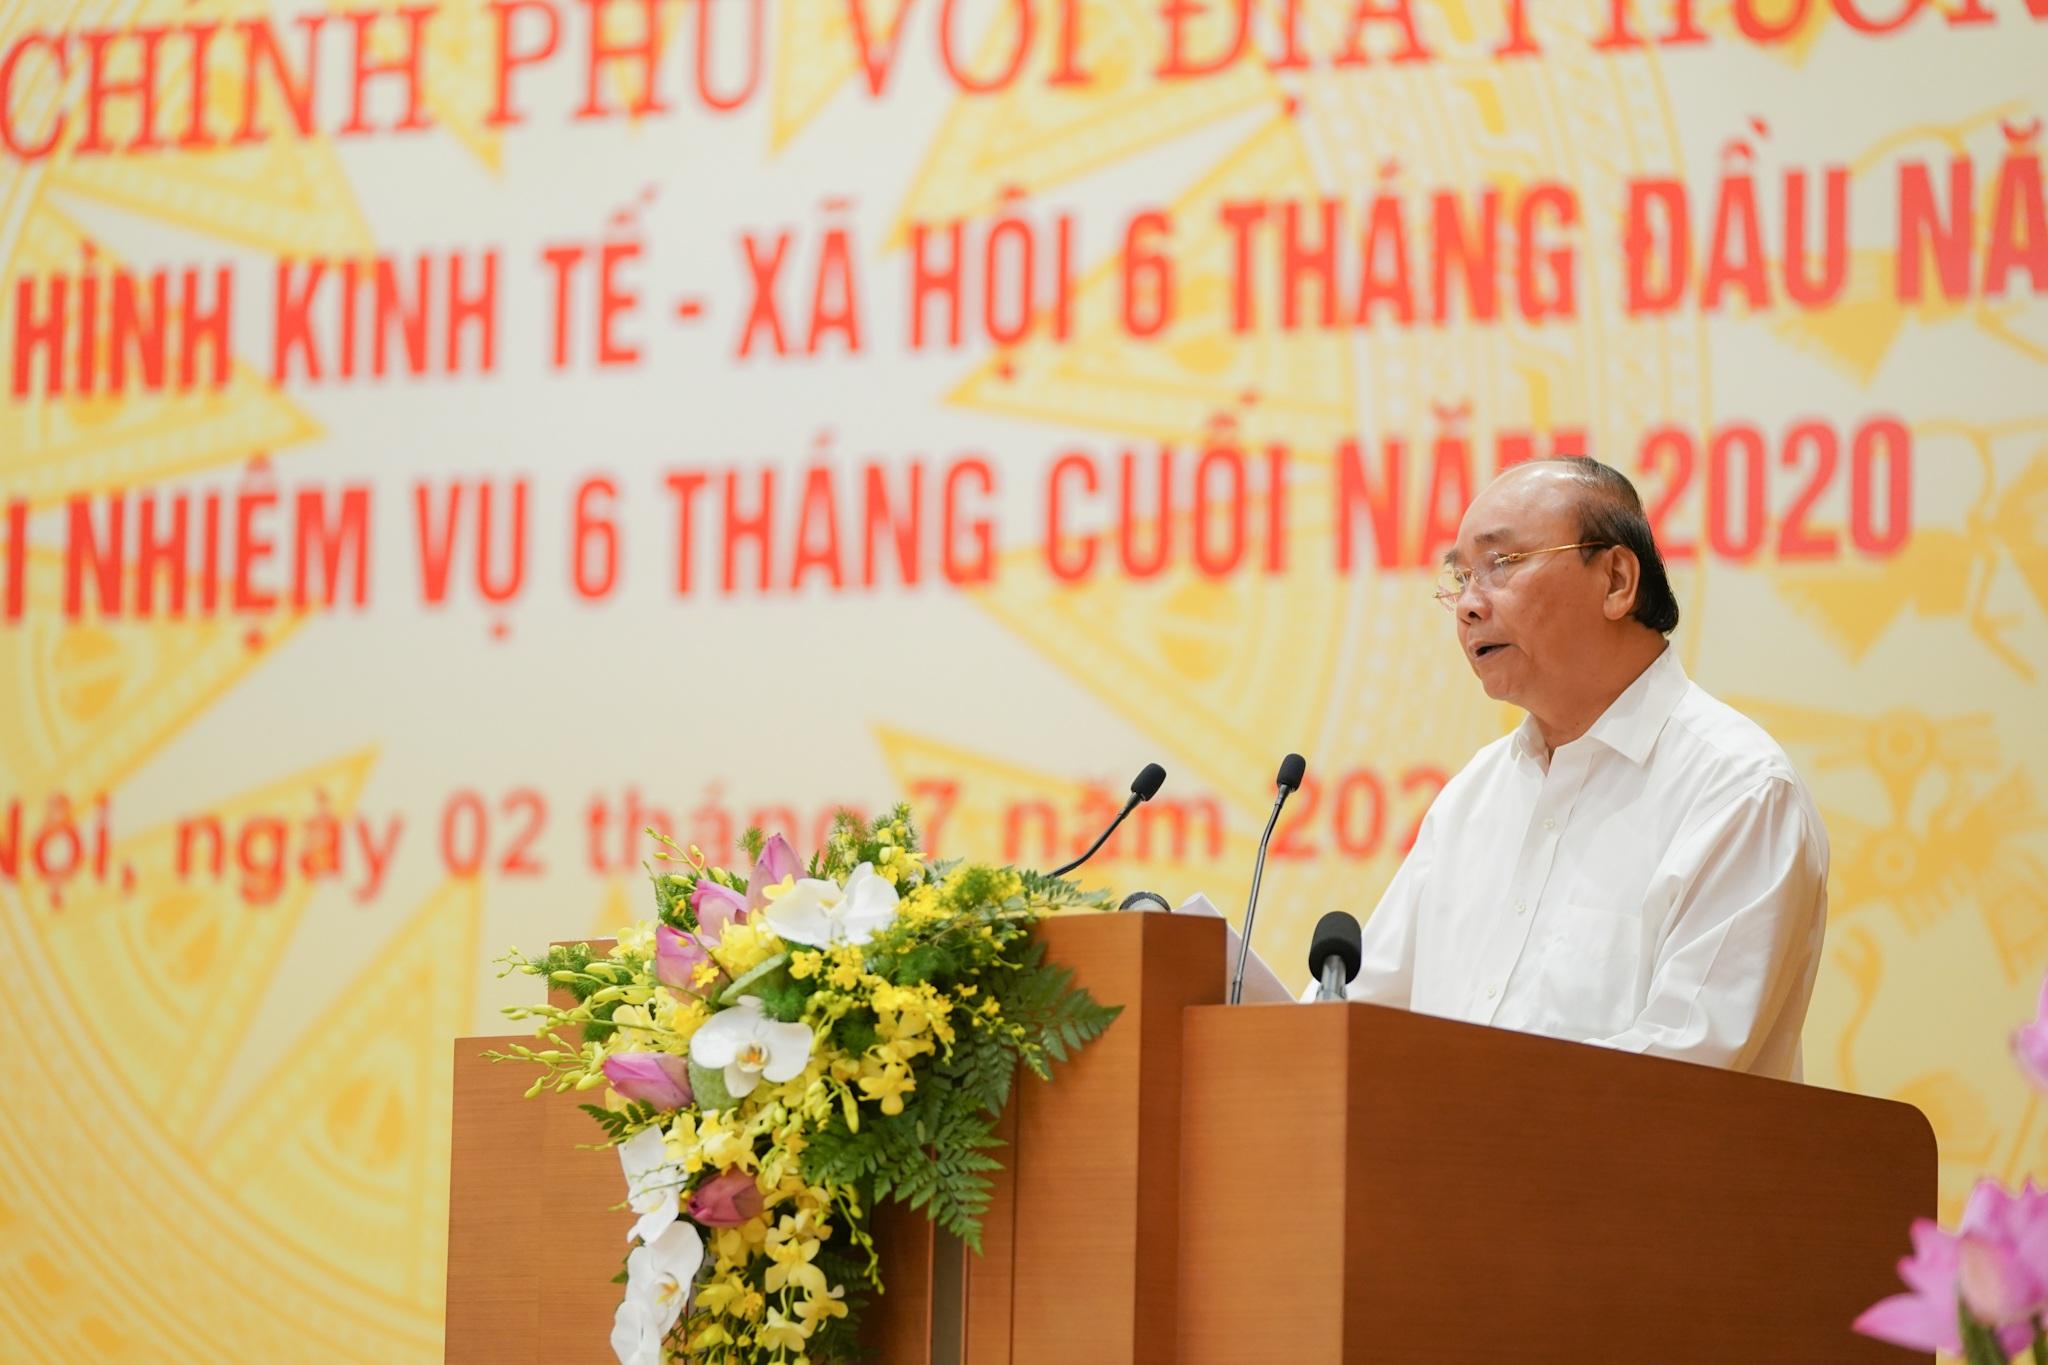 Thủ tướng: Các tỉnh đi xin dự án thì quyết liệt, vào việc lại đùn đẩy (!?)